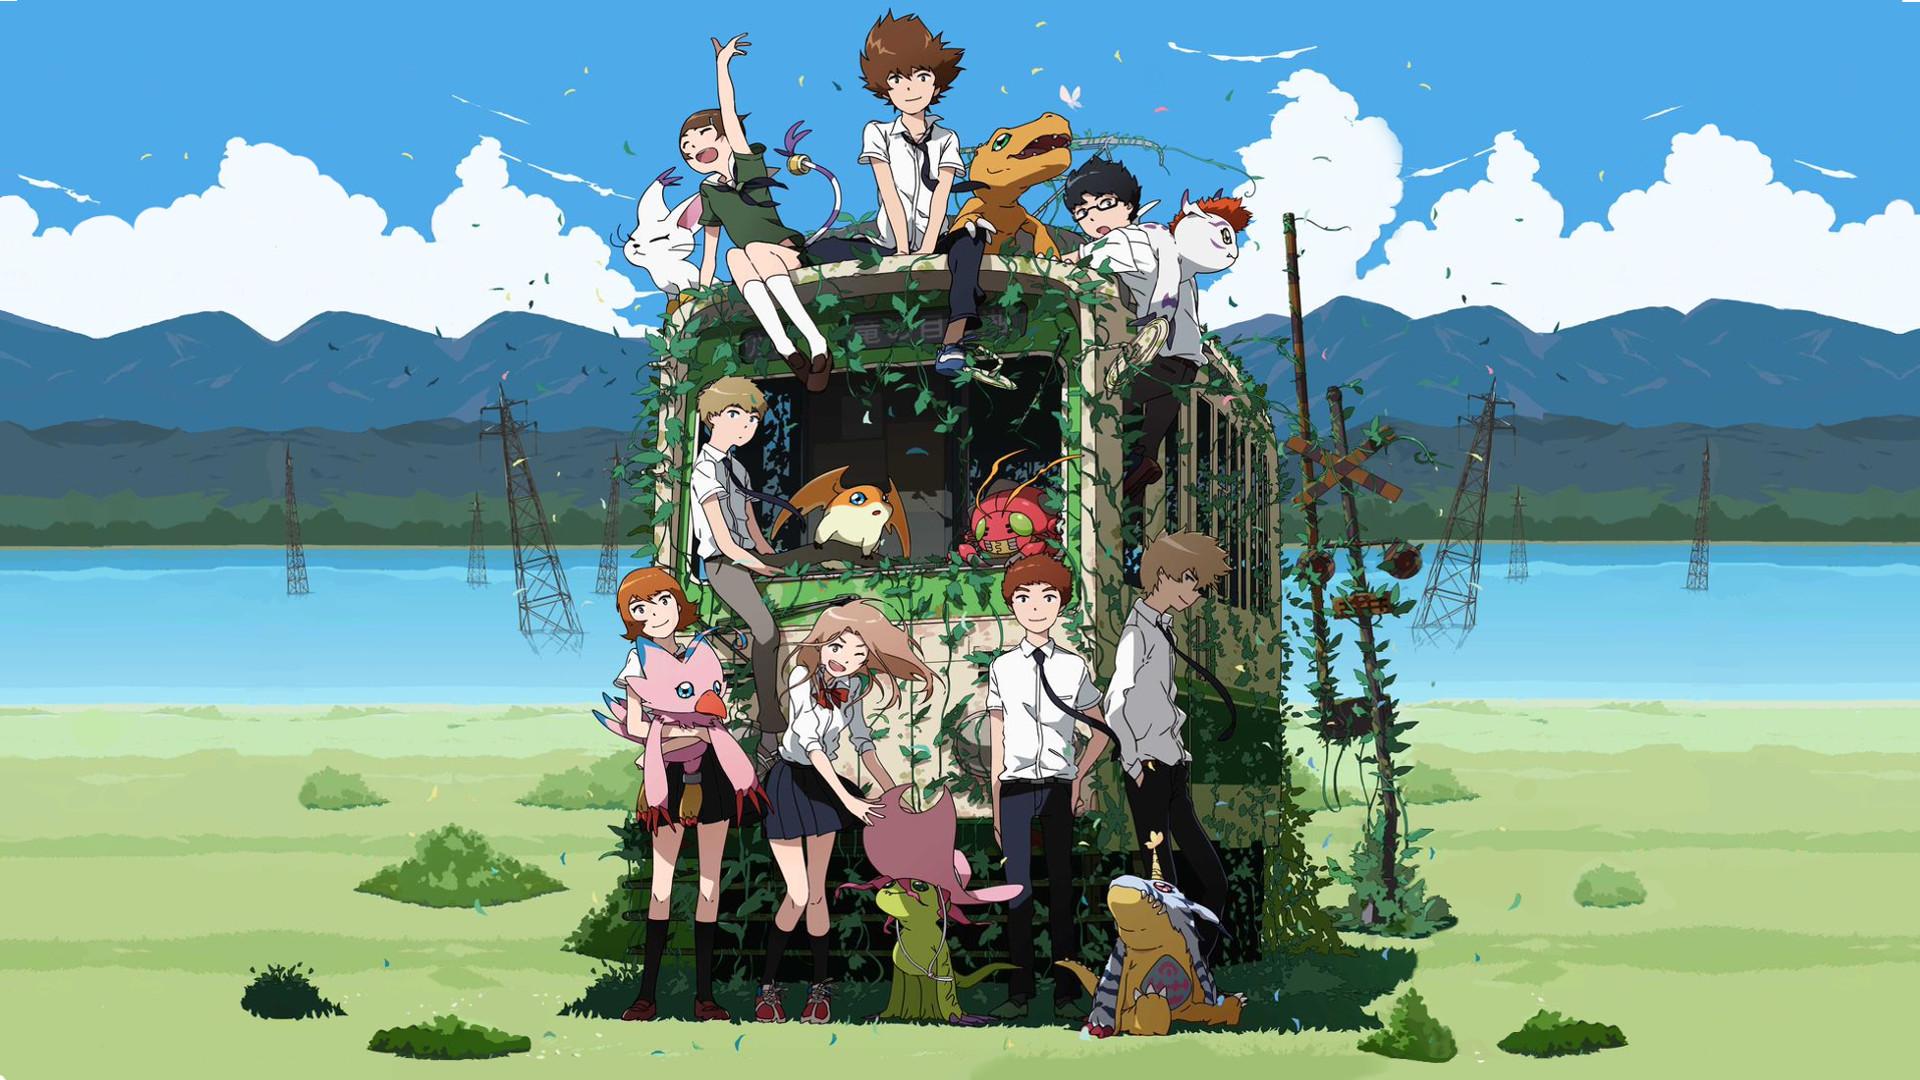 Res: 1920x1080, Wallpaper Piedmon HD by Ferecium | Digimon Adventure | Pinterest | Digimon,  Digimon adventure and deviantART